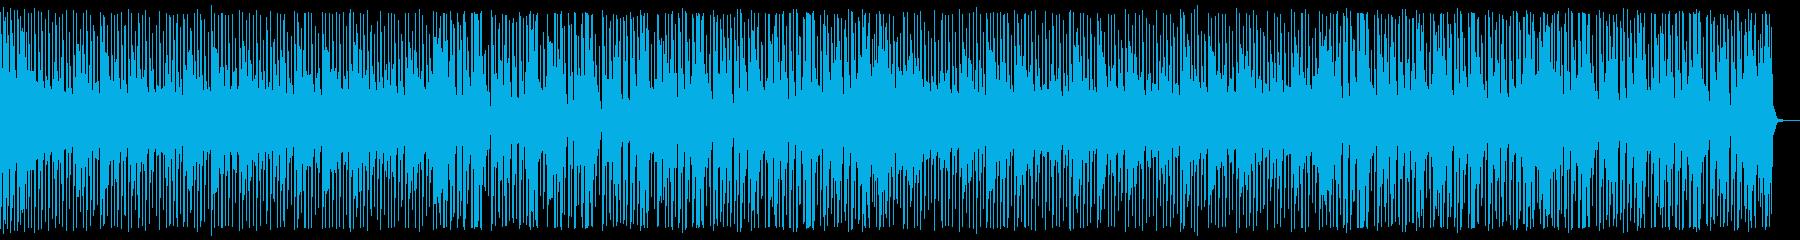 サイバーなディープハウス_No679_1の再生済みの波形